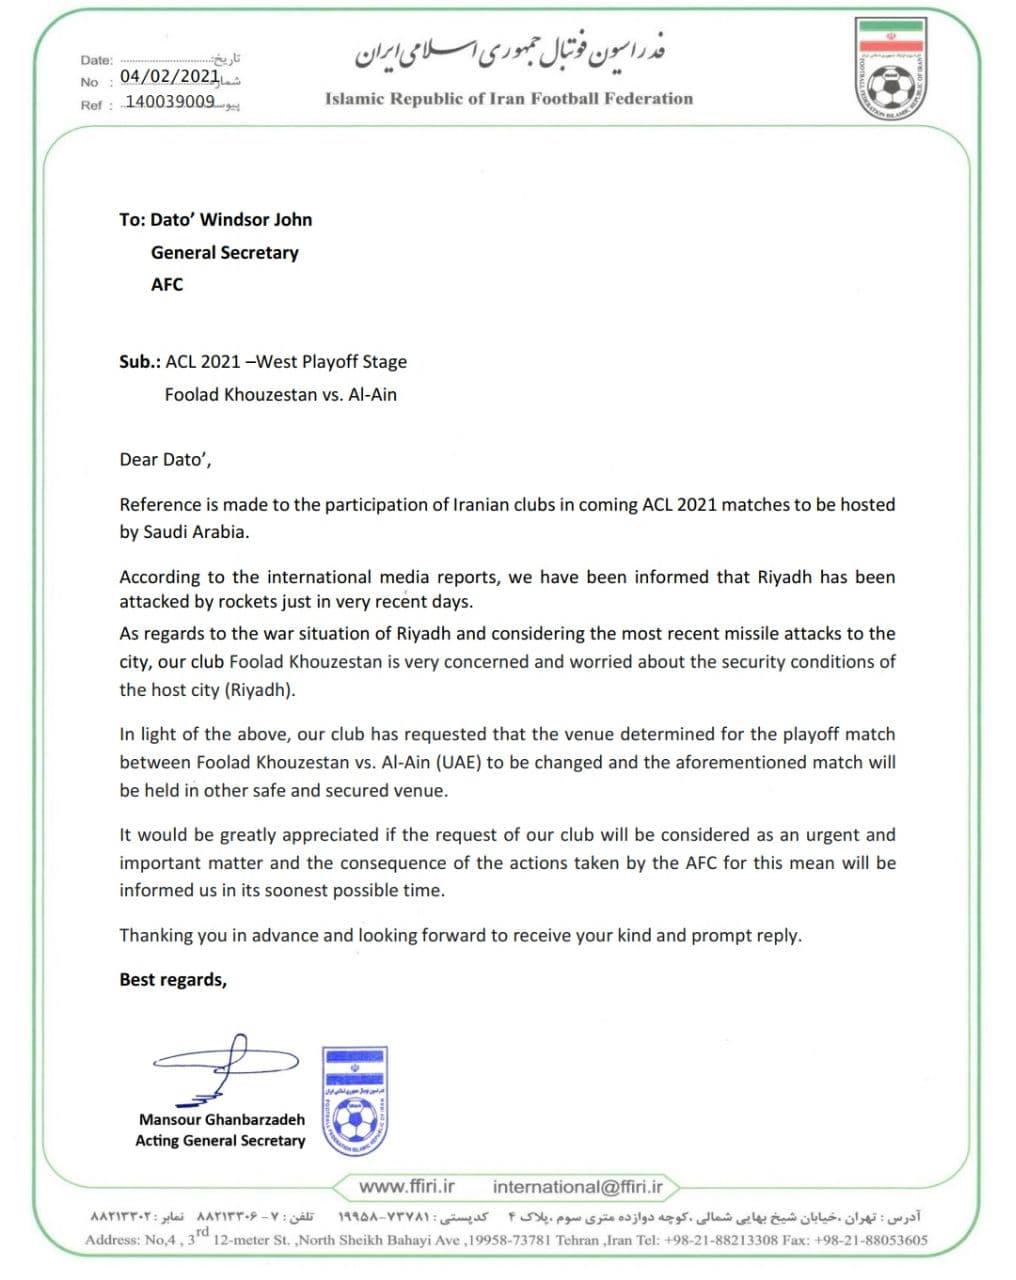 نامه فدراسیون فوتبال به دبیرکل AFC: ریاض برای میزبانی العین امن نیست/ عکس